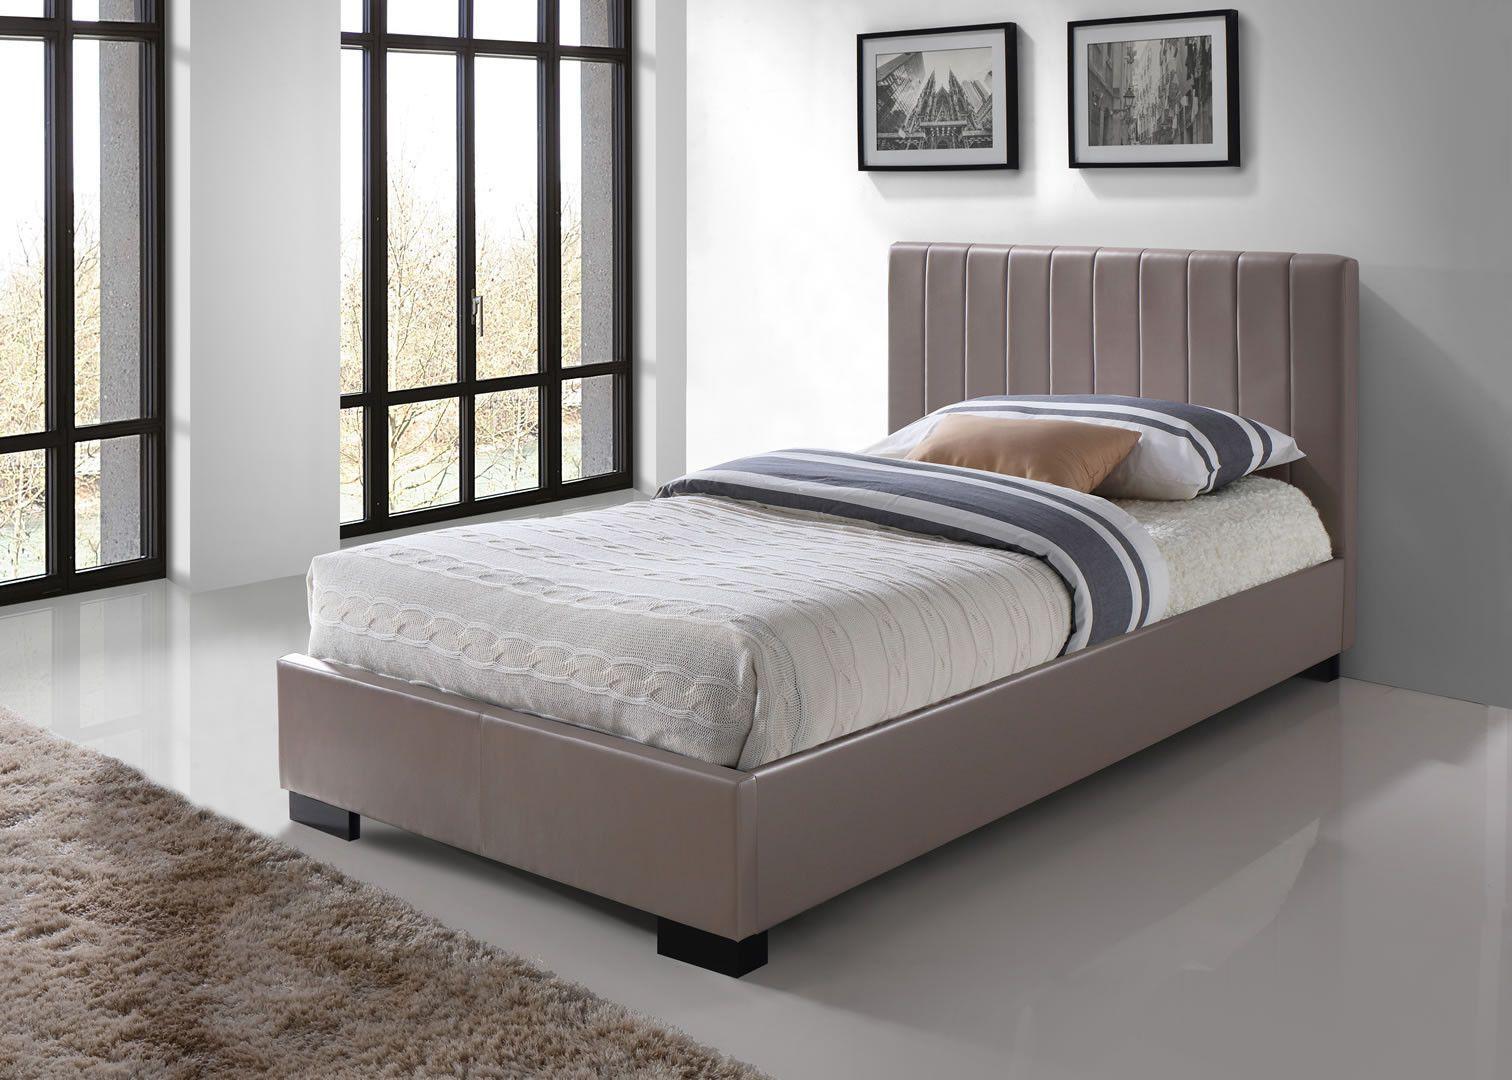 lits simples lit simple avec sommier et t te de lit pu taupe merced trocity. Black Bedroom Furniture Sets. Home Design Ideas